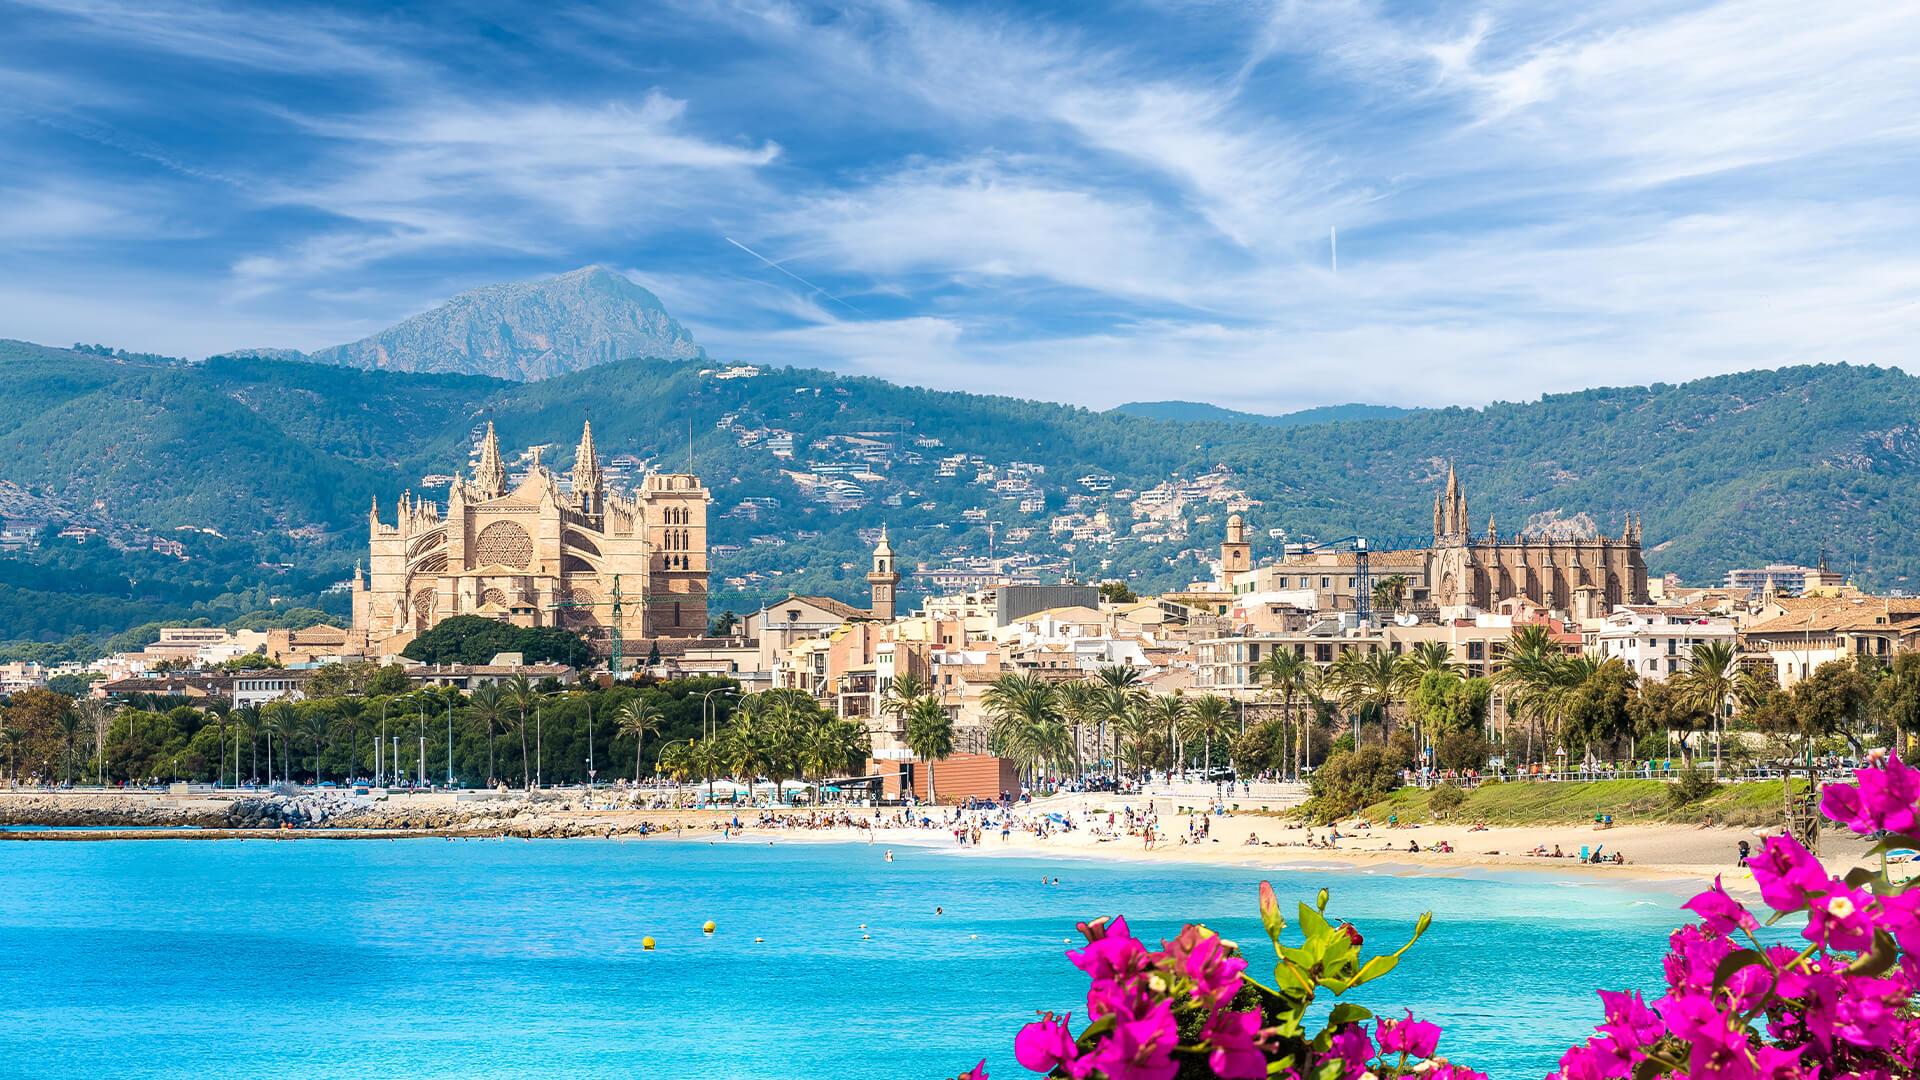 Viaje a Palma de Mallorca!! 3 noches de hotel con cancelación + vuelos incluidos desde 93 euros por persona